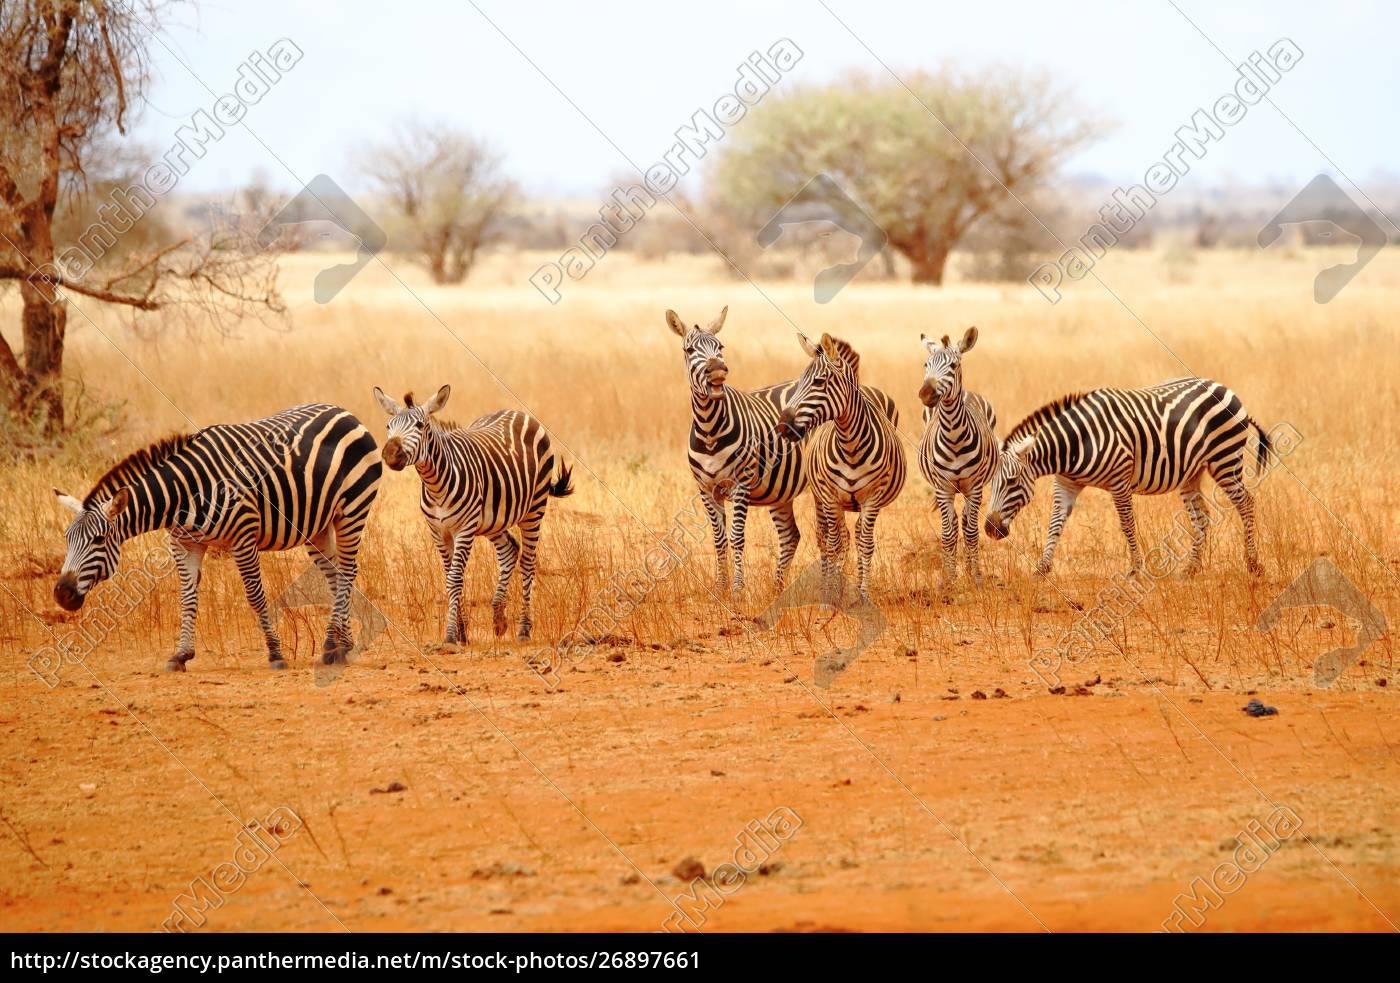 six, zebras, in, the, wide, wilderness - 26897661